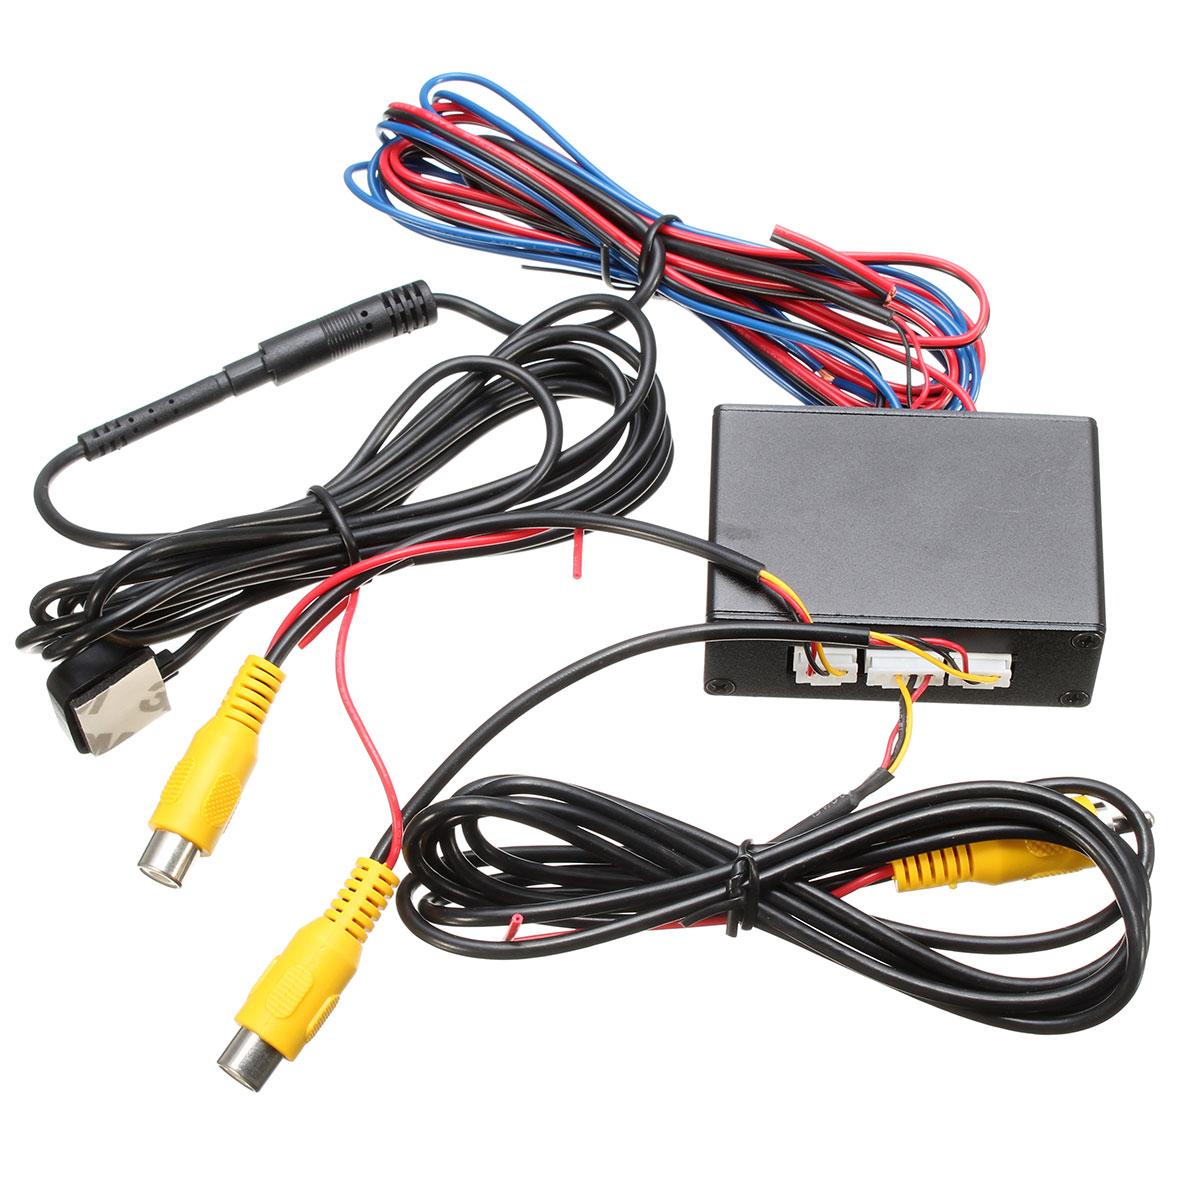 imágenes para Nueva cámara de vídeo del coche interruptor de control Inteligente (vídeo del coche del interruptor automático) conectar frontal o lateral/trasero cámaras